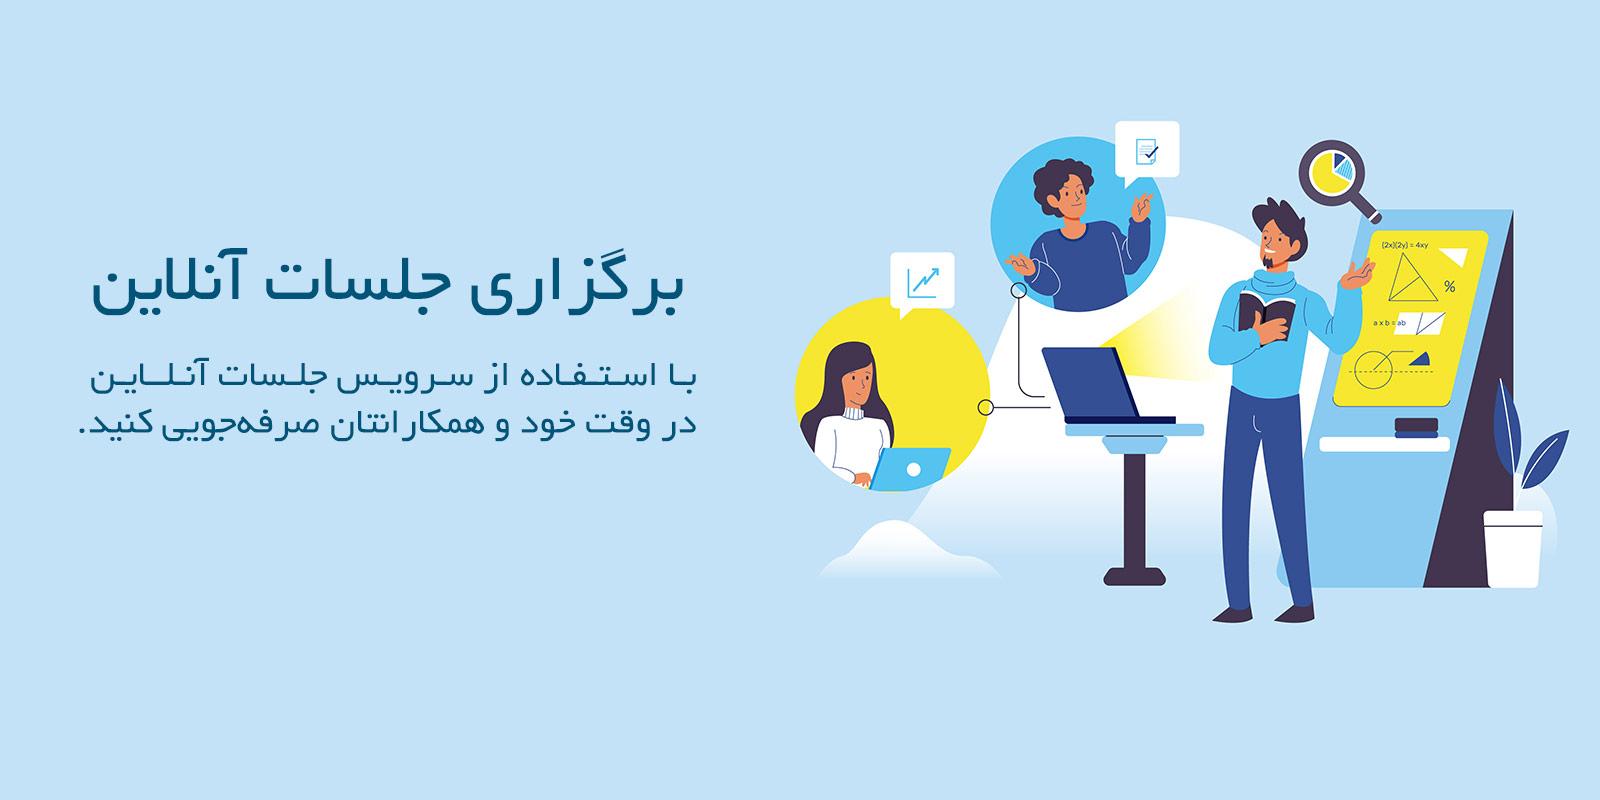 اسلایدر جلسات آنلاین